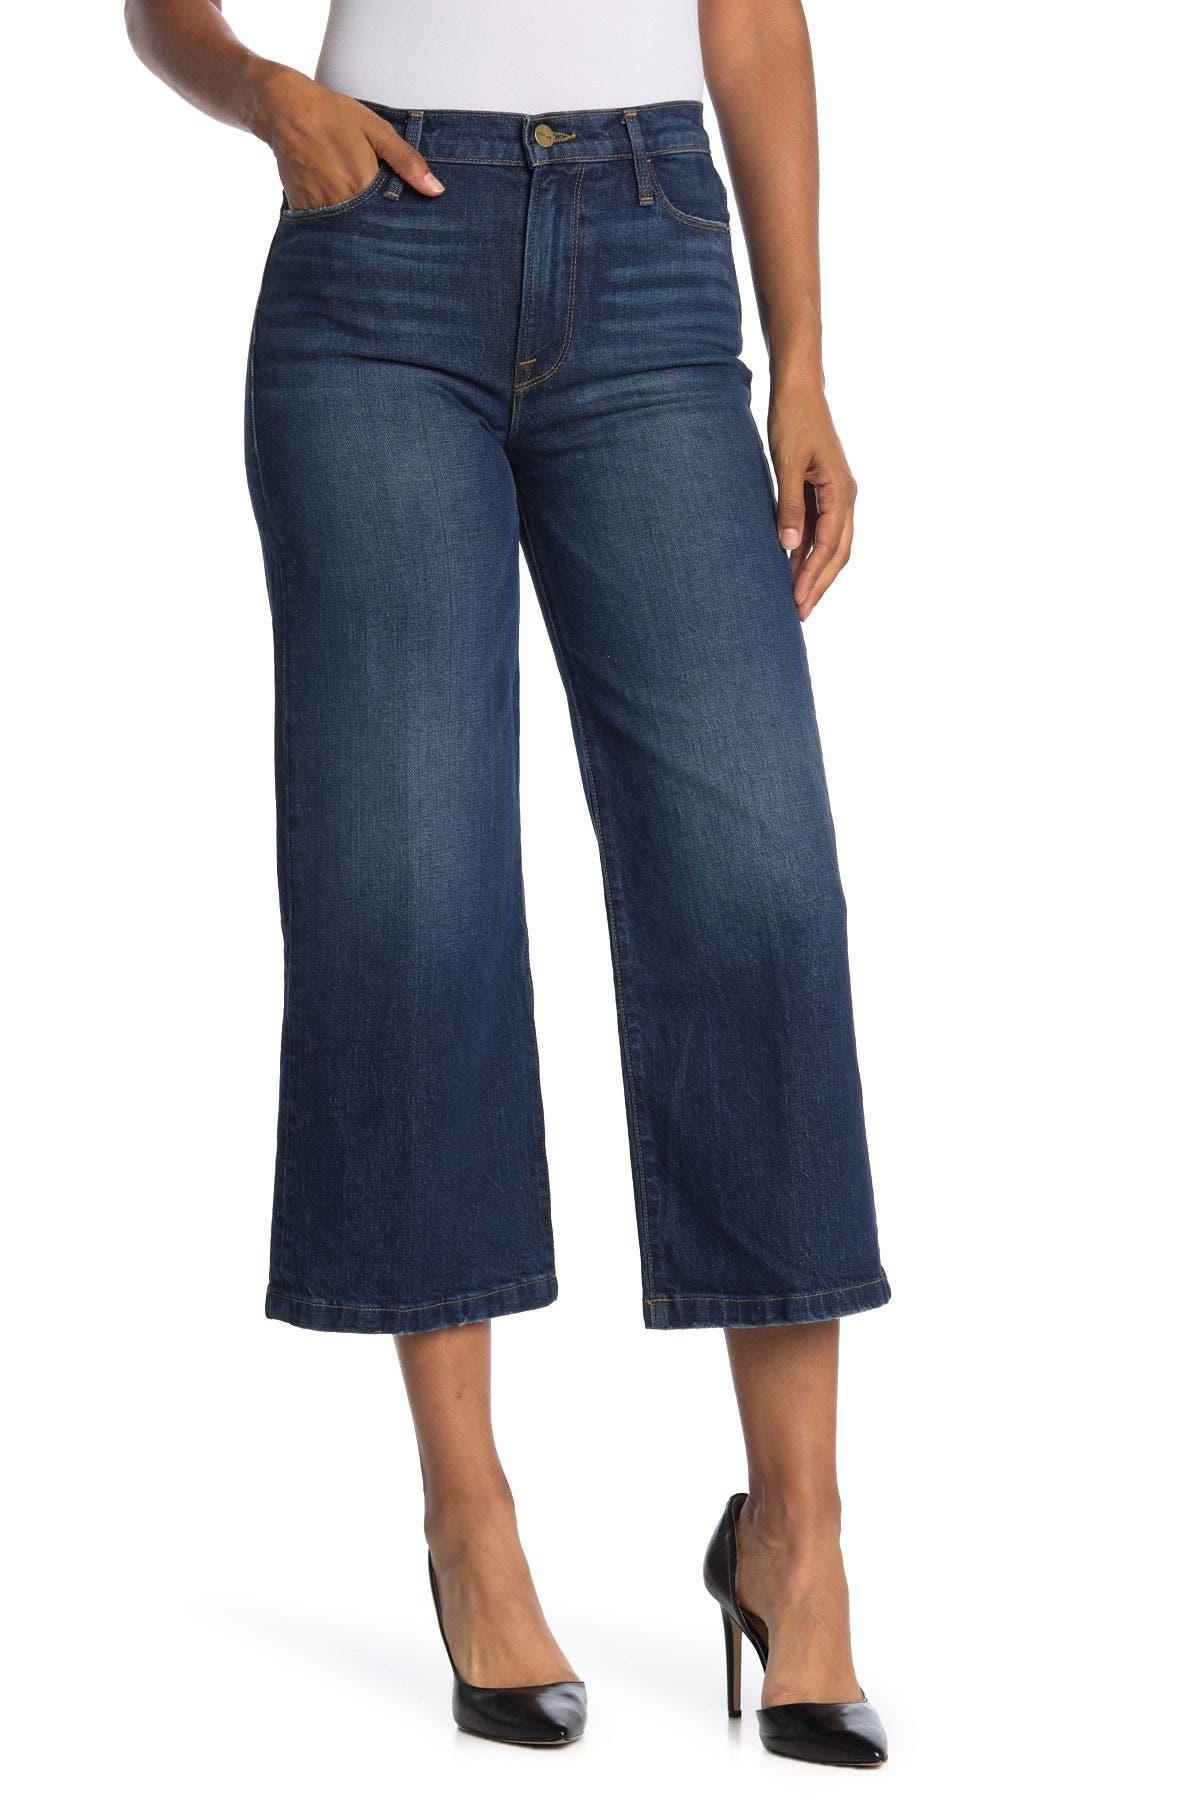 FRAME Ali Wide Cropped Jeans at Nordstrom Rack